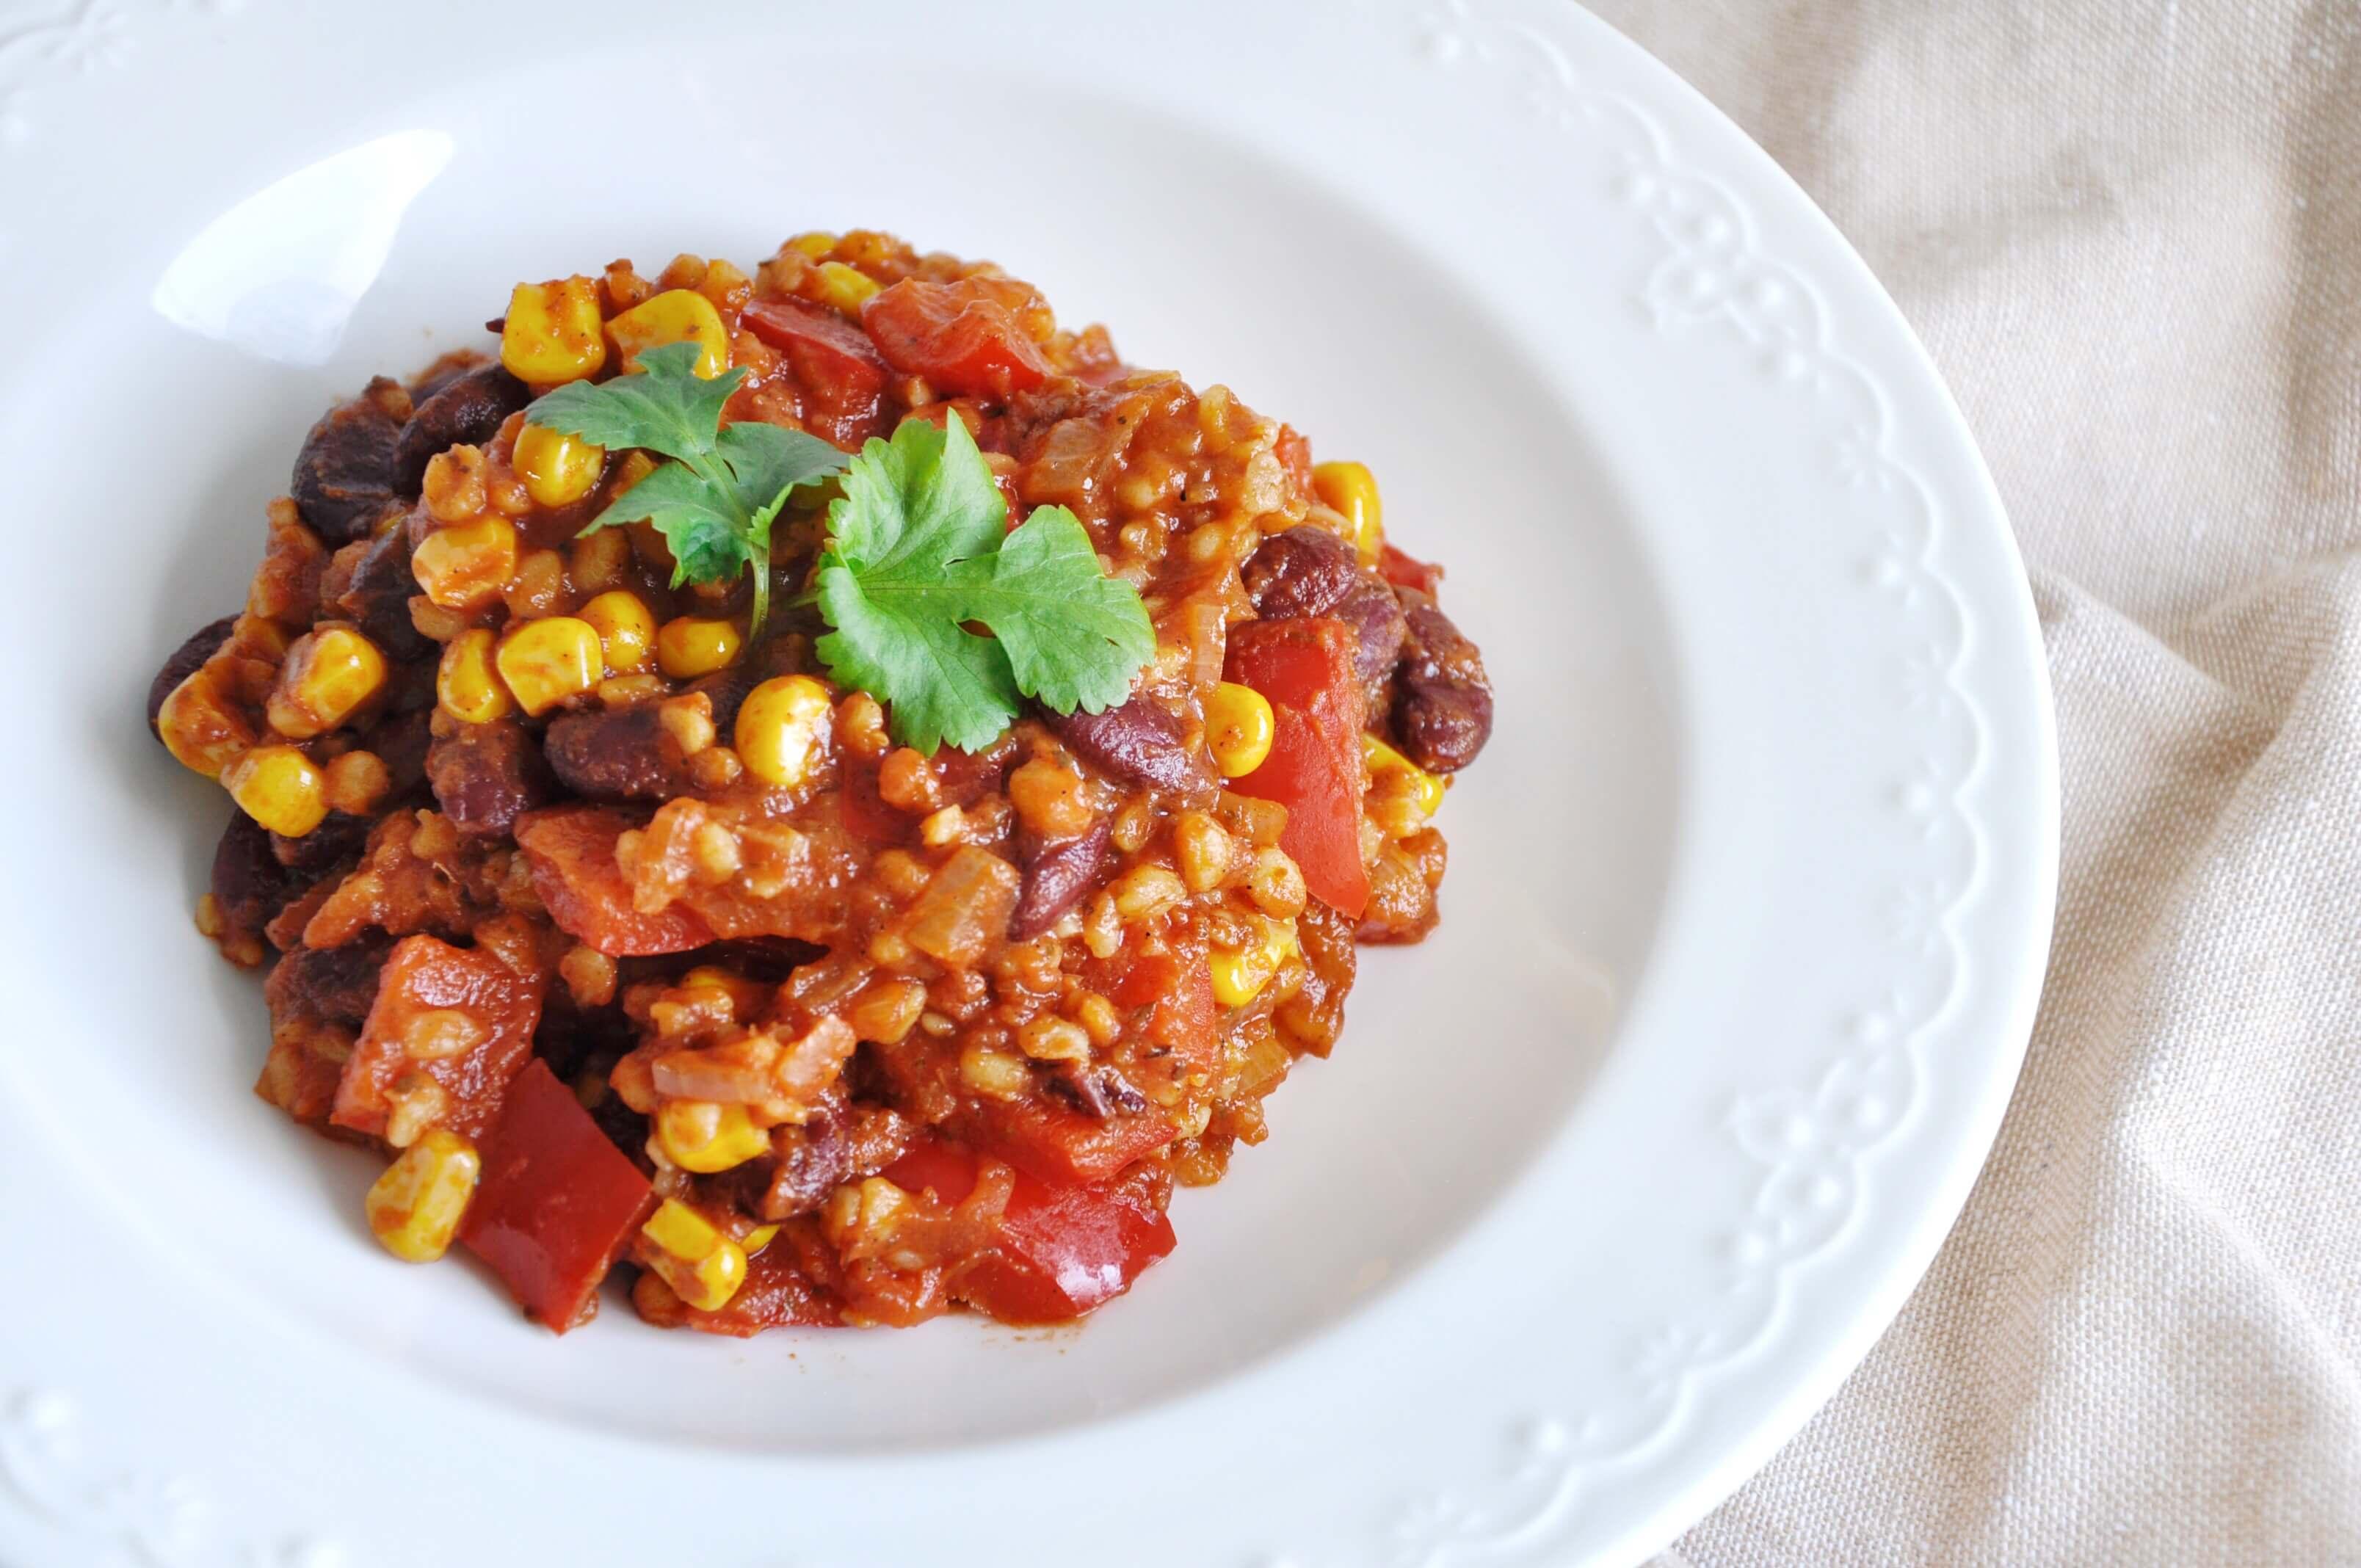 10 Pomyslow Na Zdrowe Obiady Do Pracy Smaczne I Proste Lunchboxy